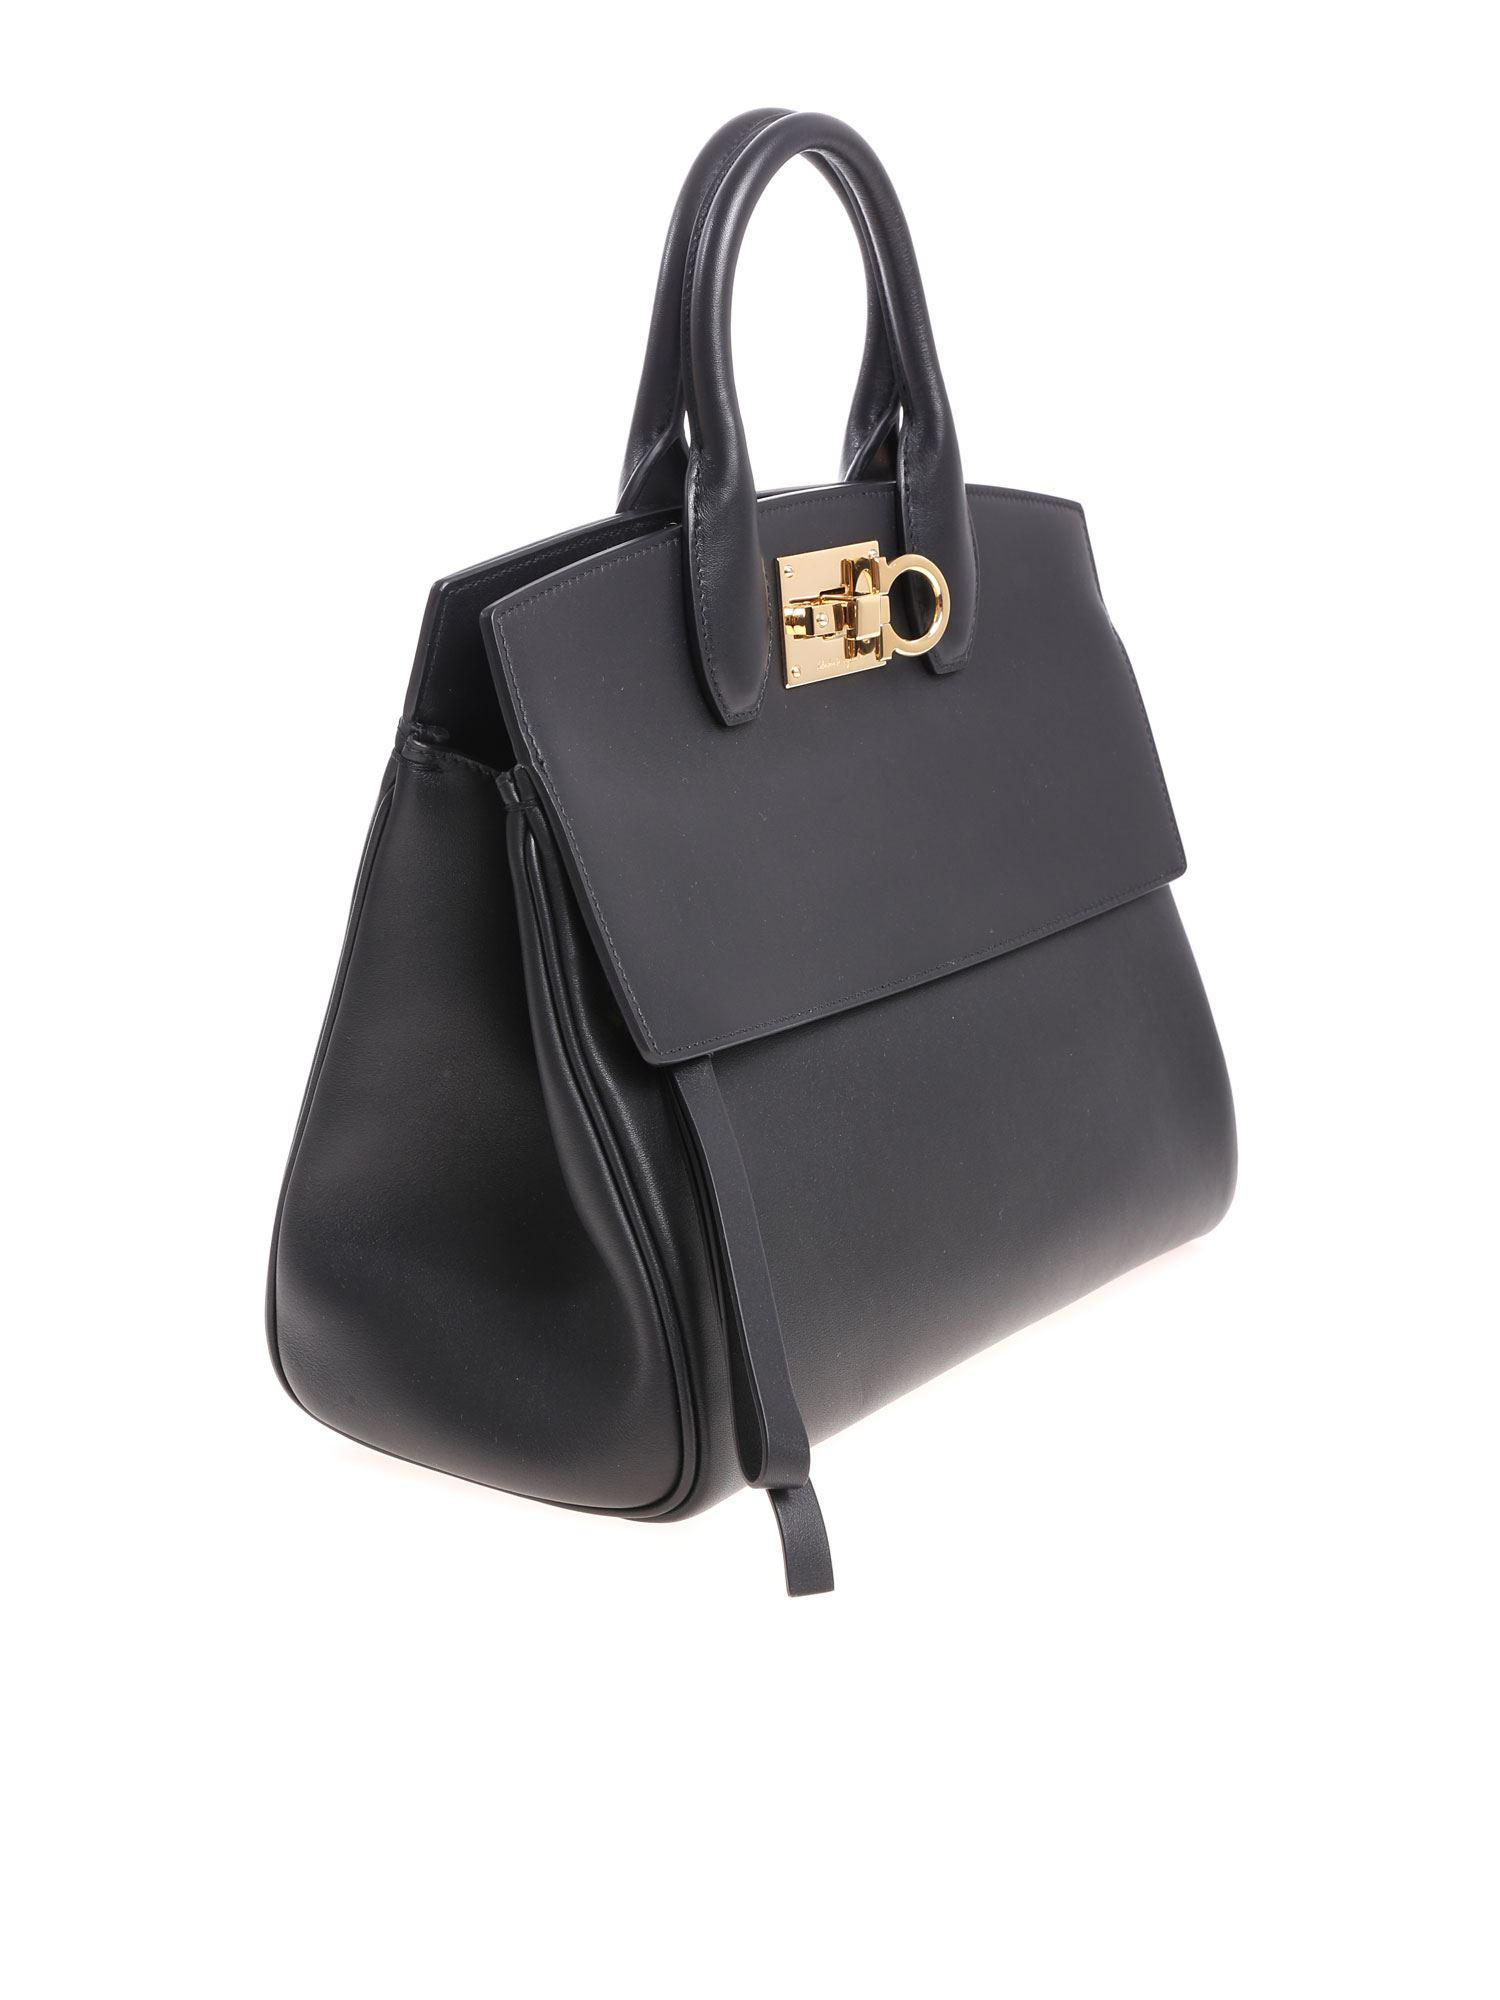 Ferragamo Leather Black Tote Studio Bag